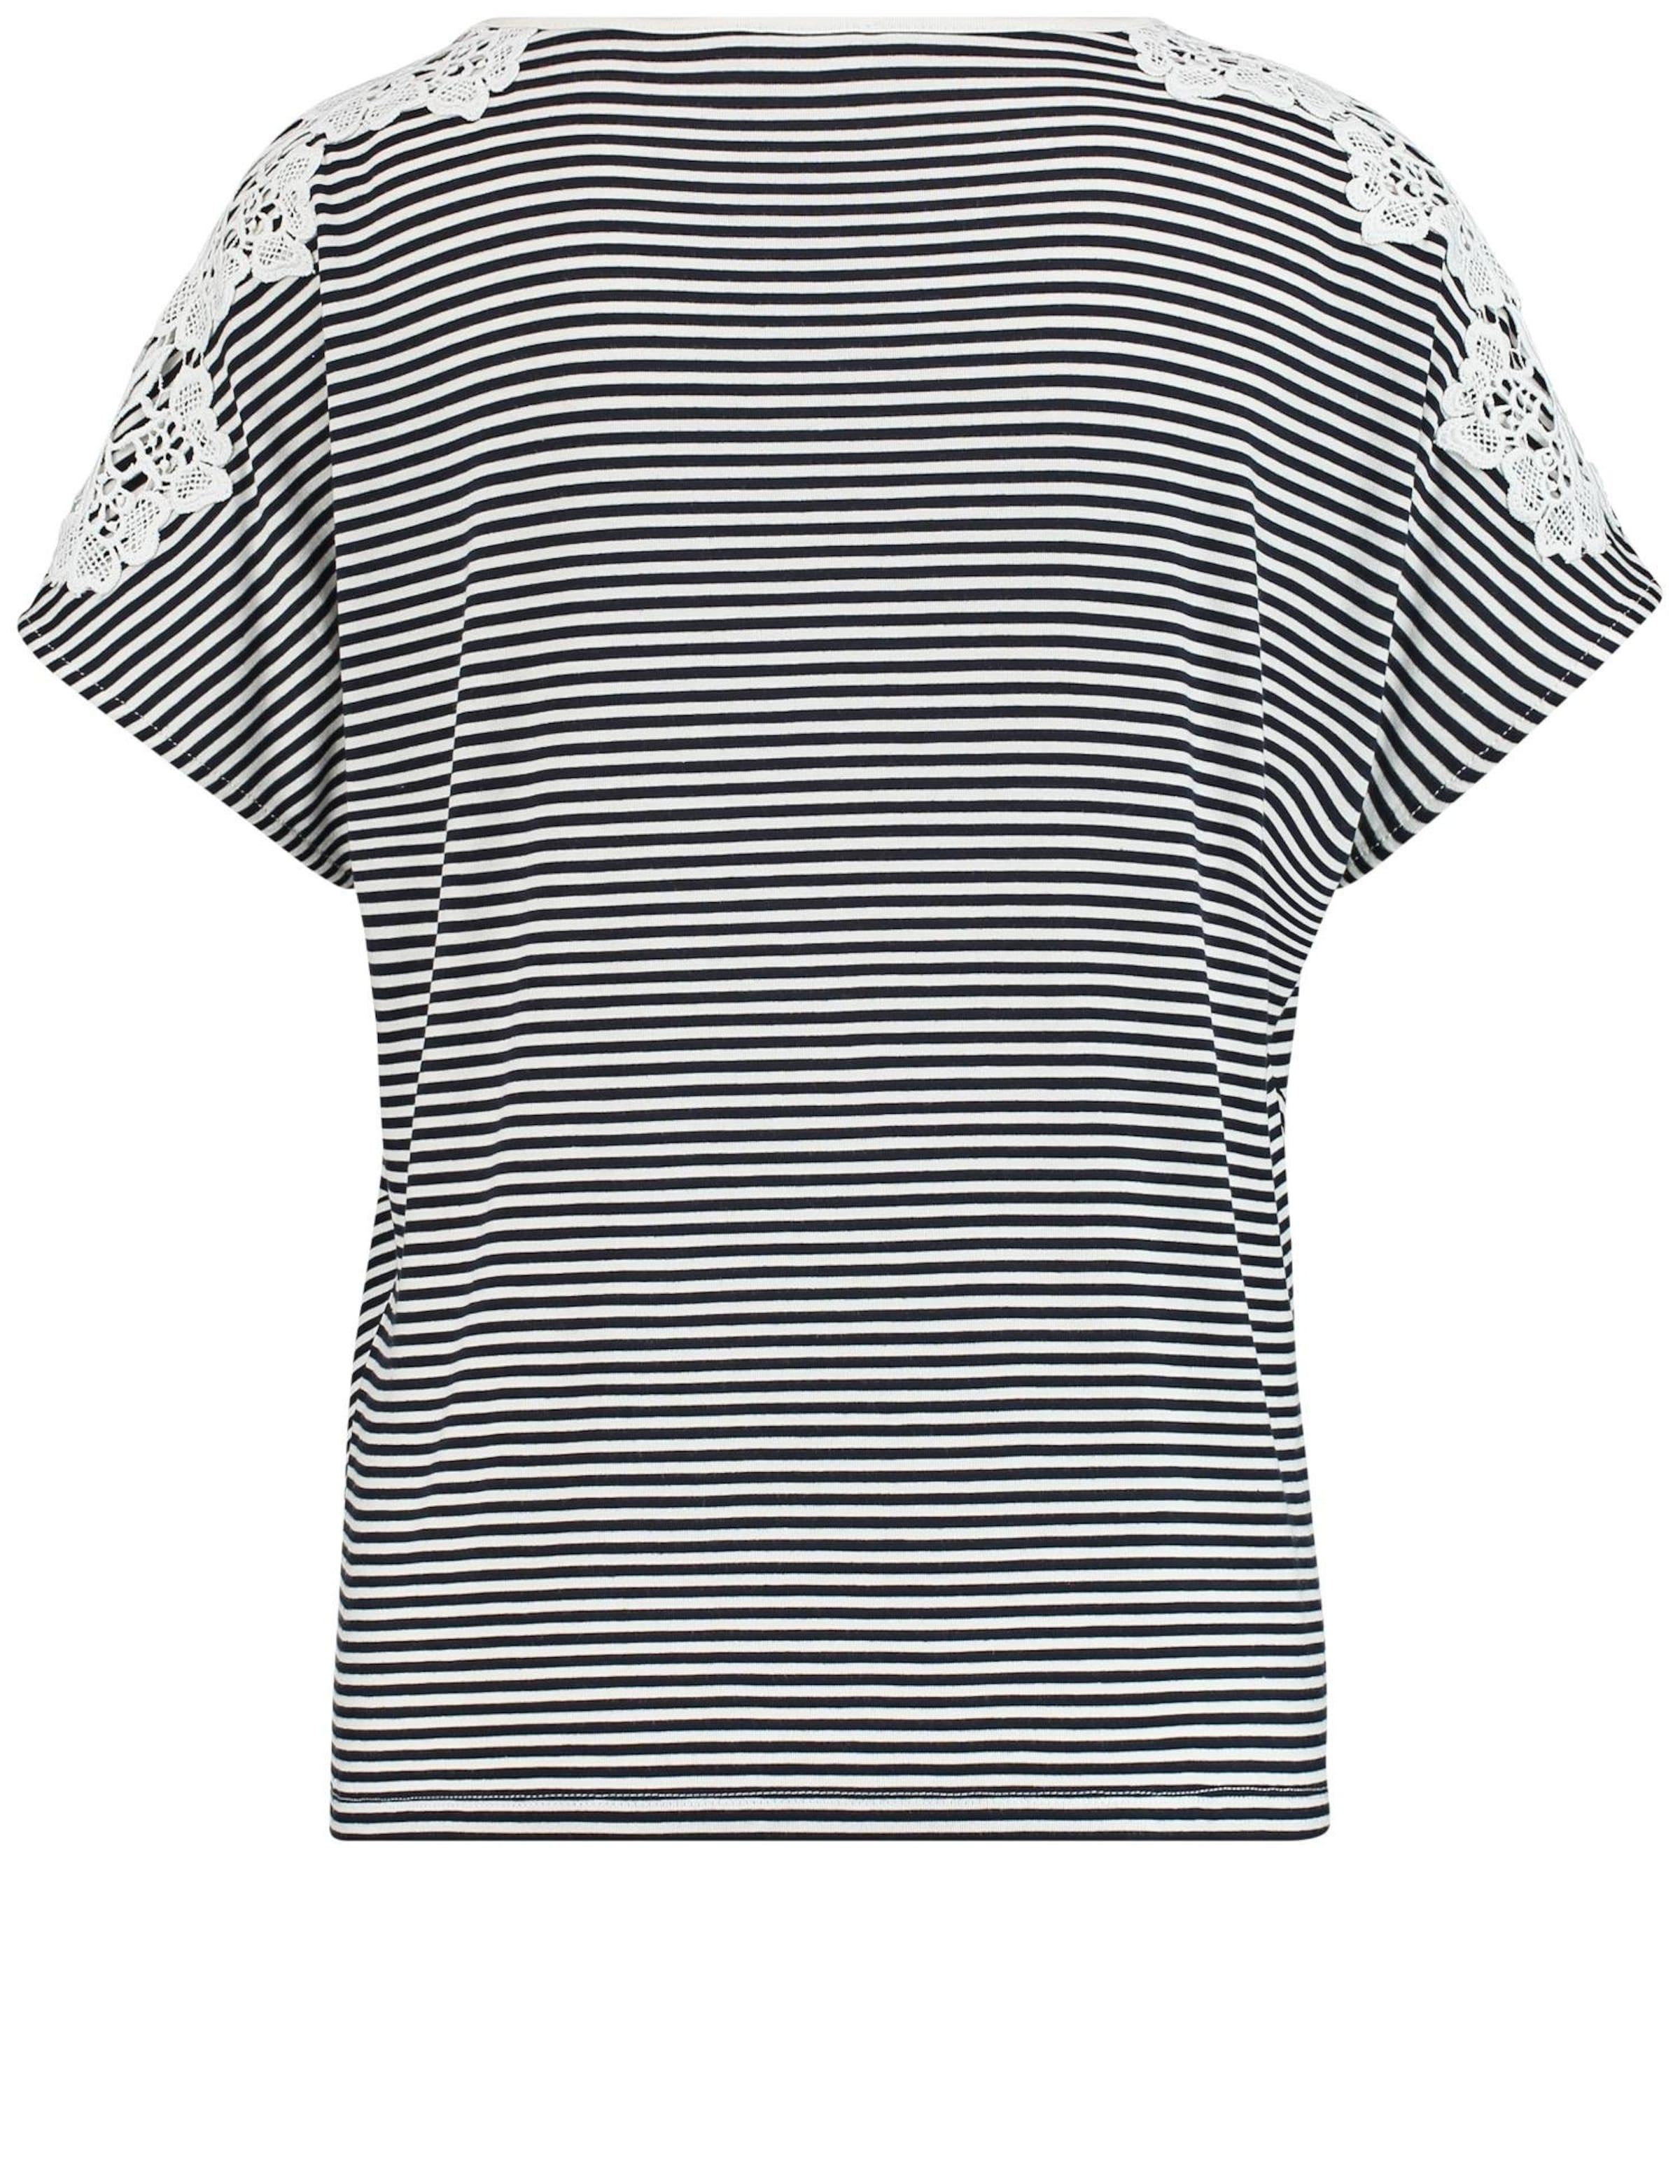 Weber Shirt Gerry In NachtblauWeiß Gerry Weber jSUzMVpqLG